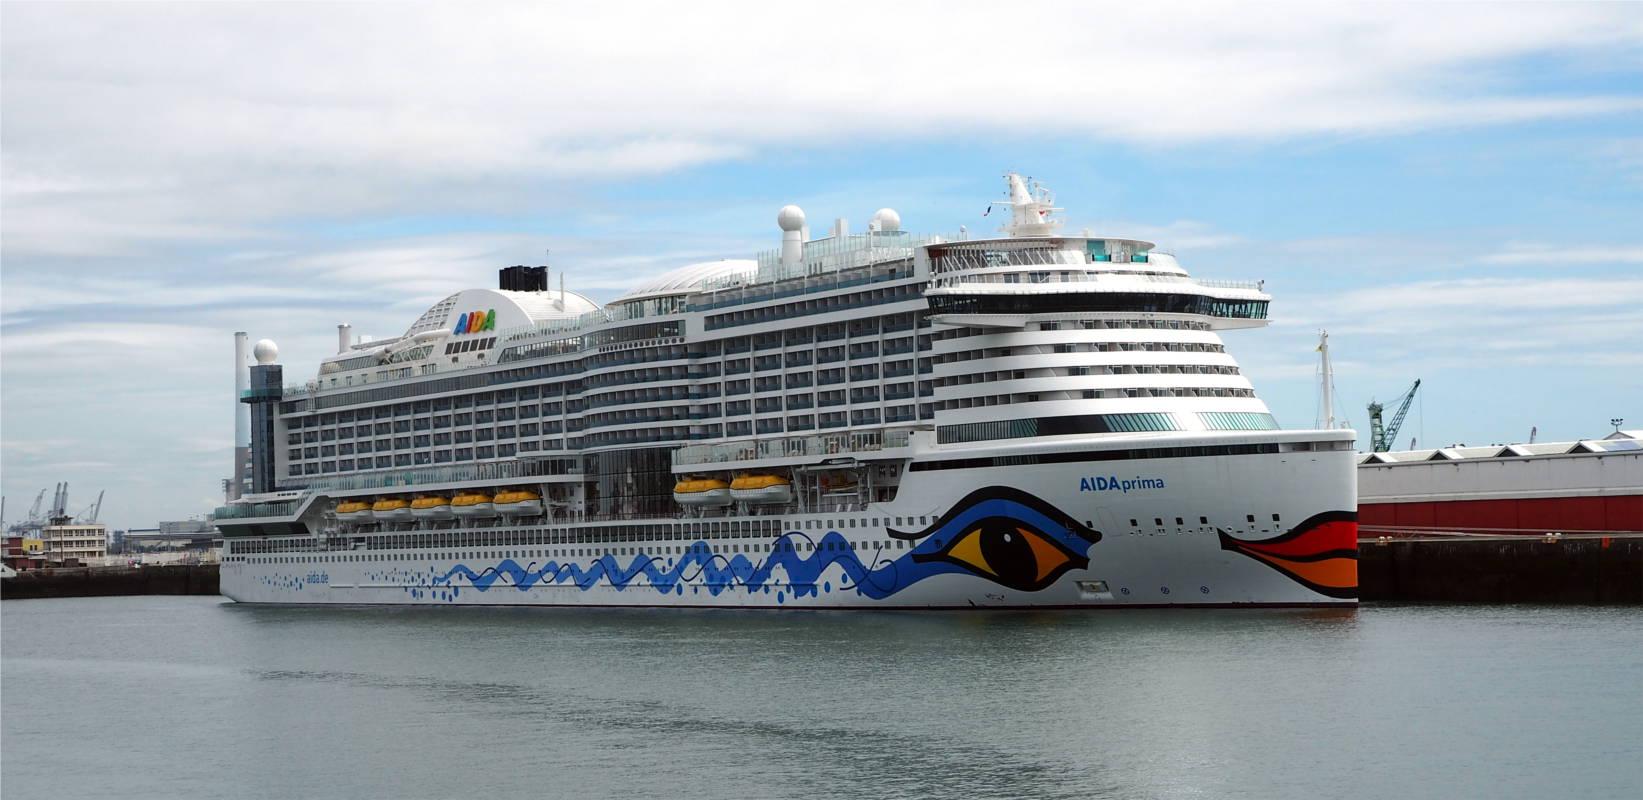 AIDAprima Kreuzfahrtschiff im Hafen von Southampton